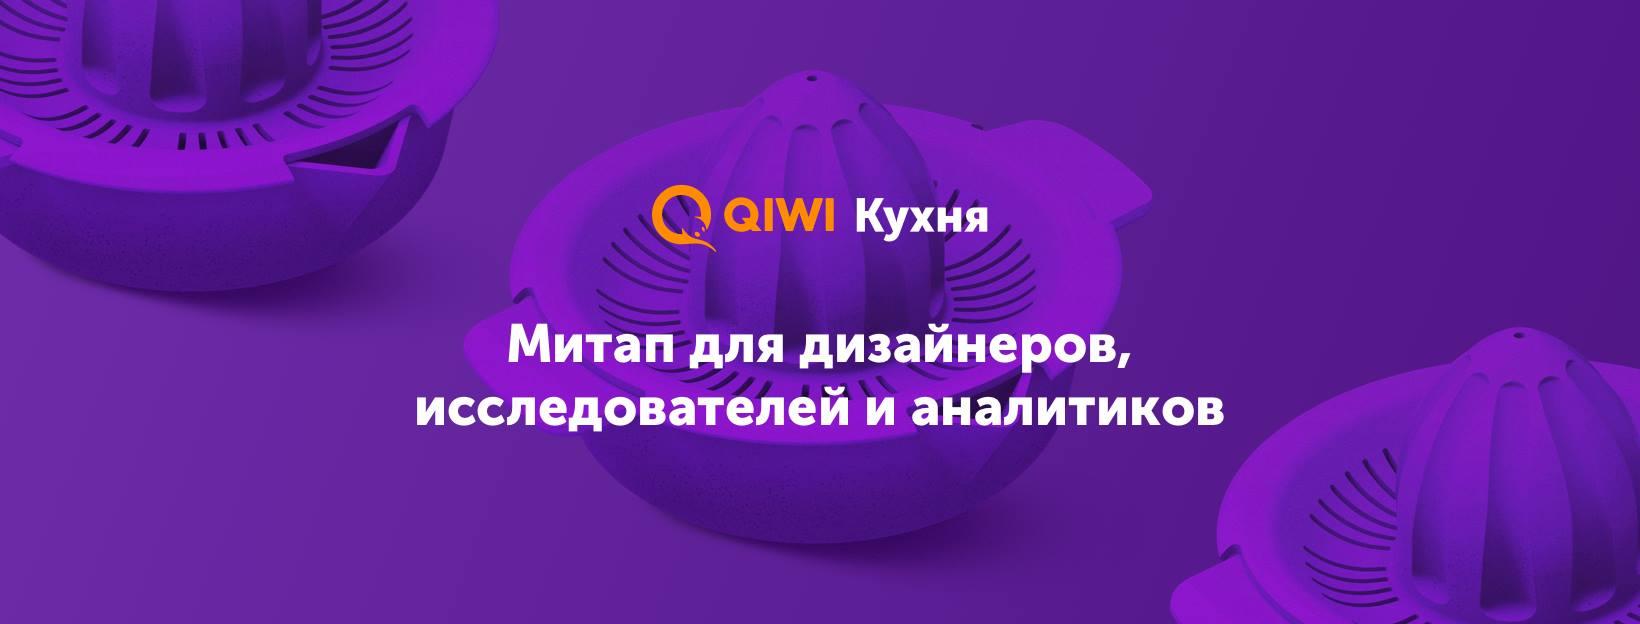 6 февраля, Москва, DI Telegraph — Большая QIWI Кухня о дизайне продуктов - 1